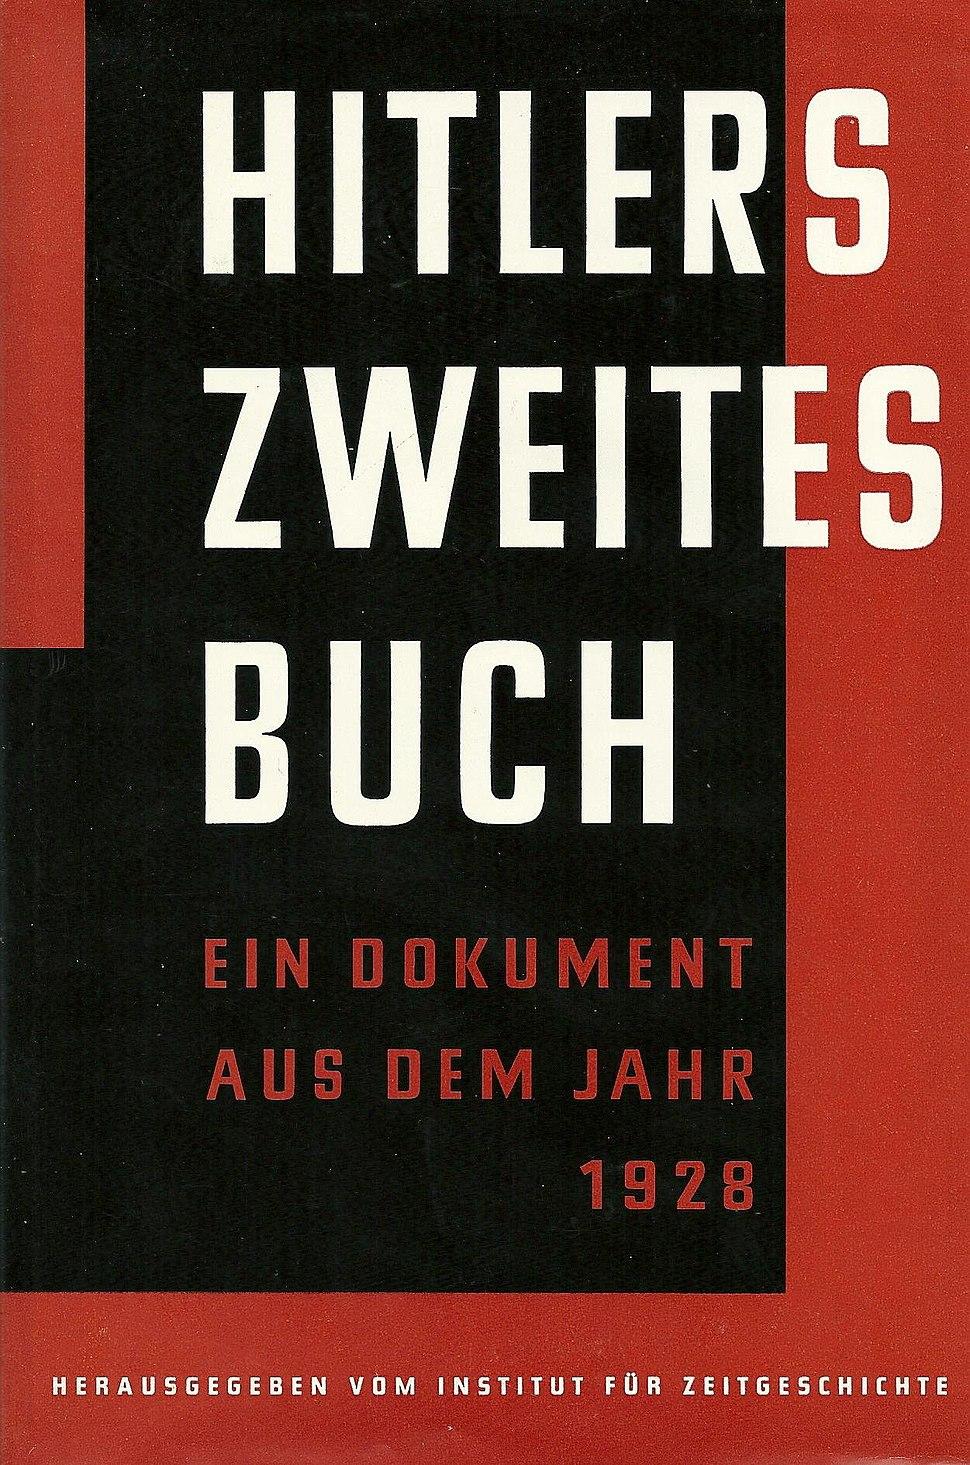 Hitler's Zweites Buch (1928), 1961 edition